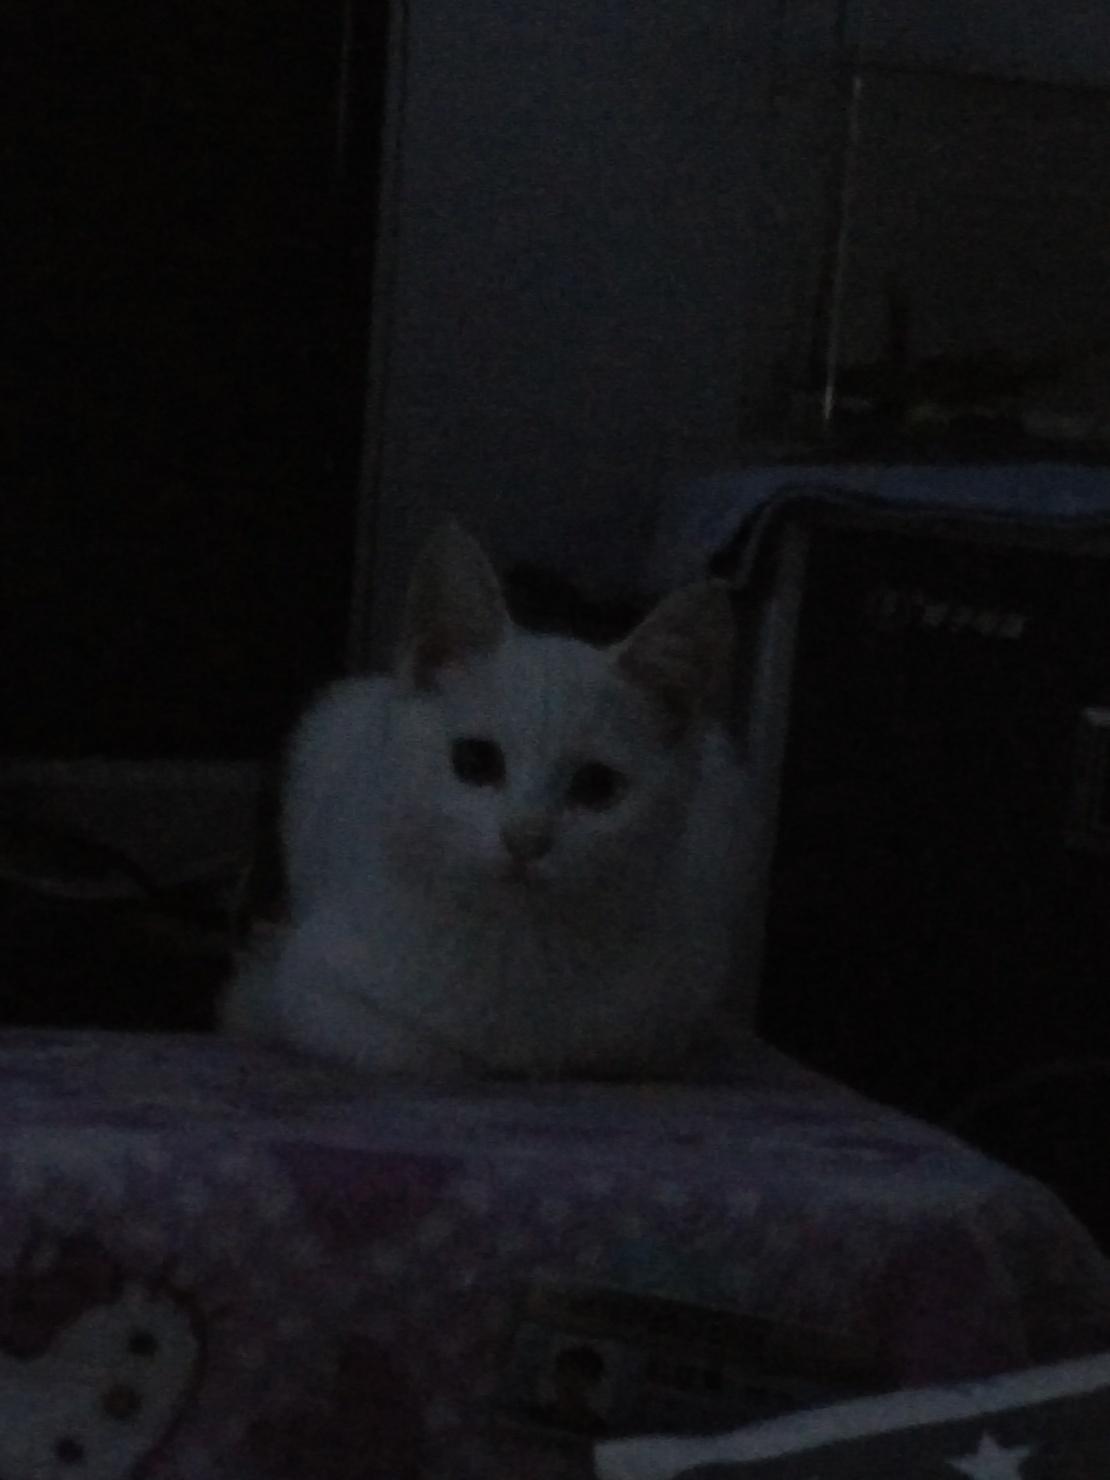 我家猫星人午夜盯着我,表示吓尿了,是不是把我当大老鼠了╭(°A°`)╮